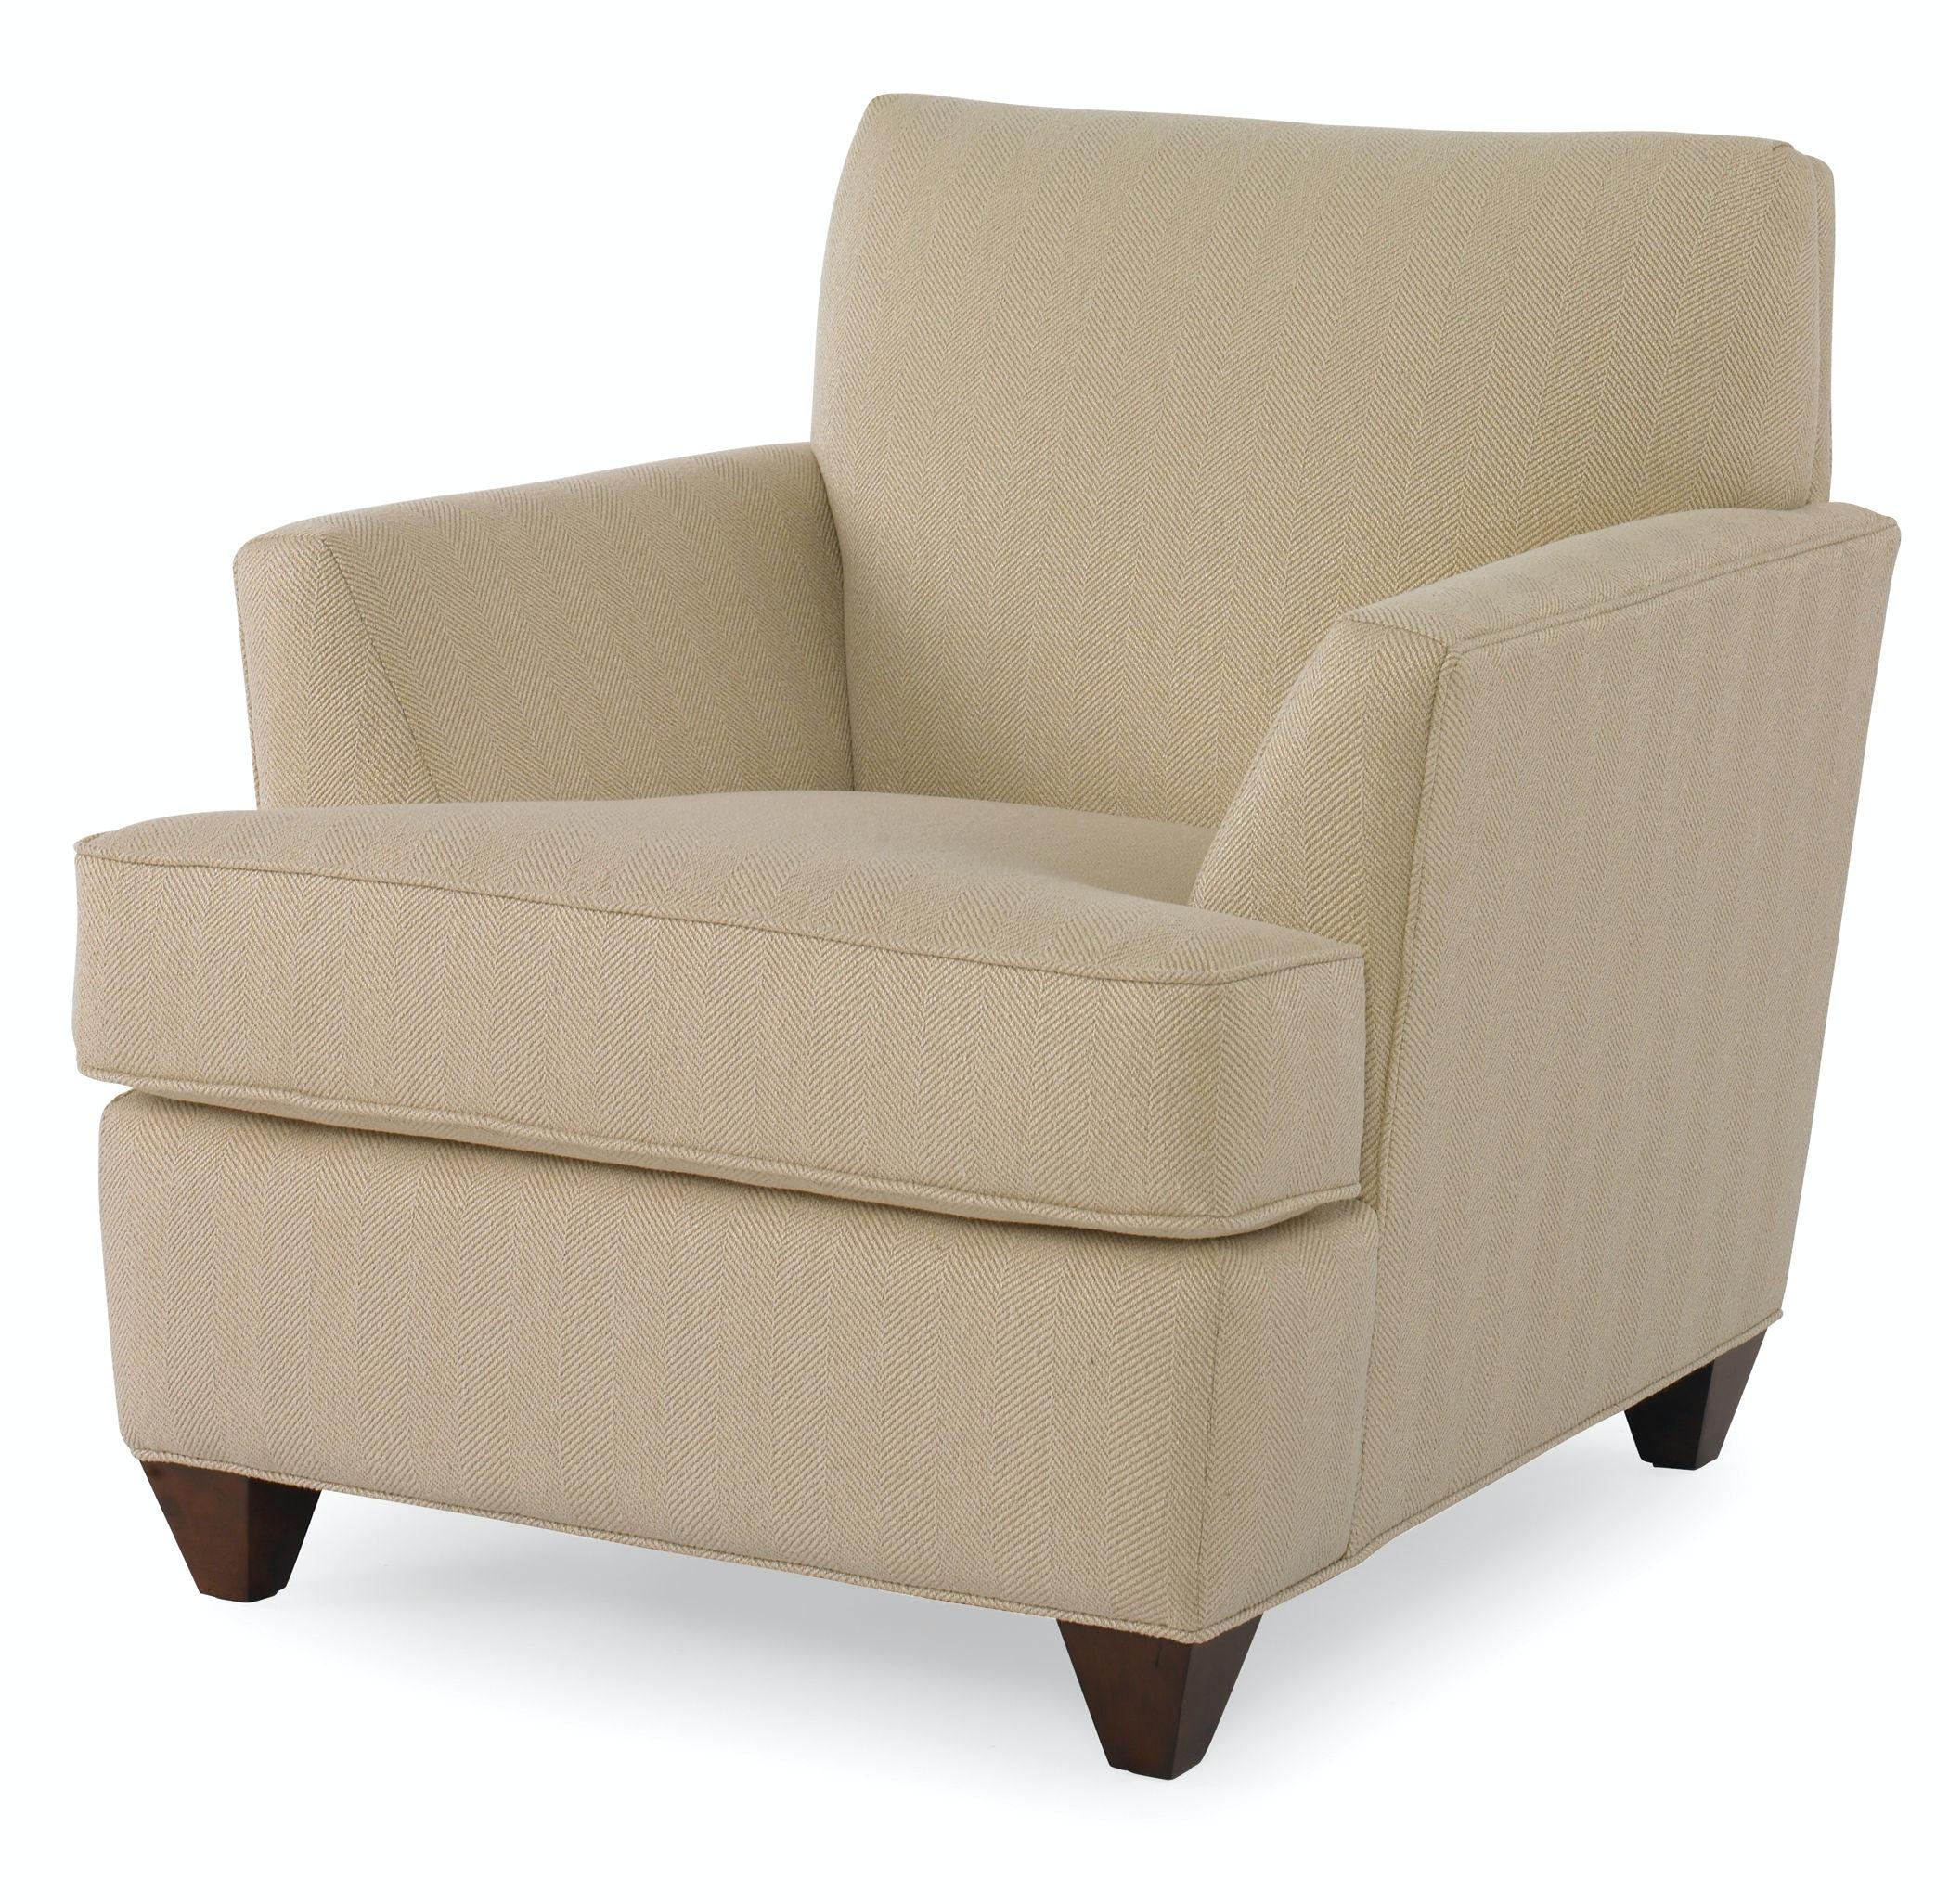 Kravet Smart Elmhurst Chair DL908 CH